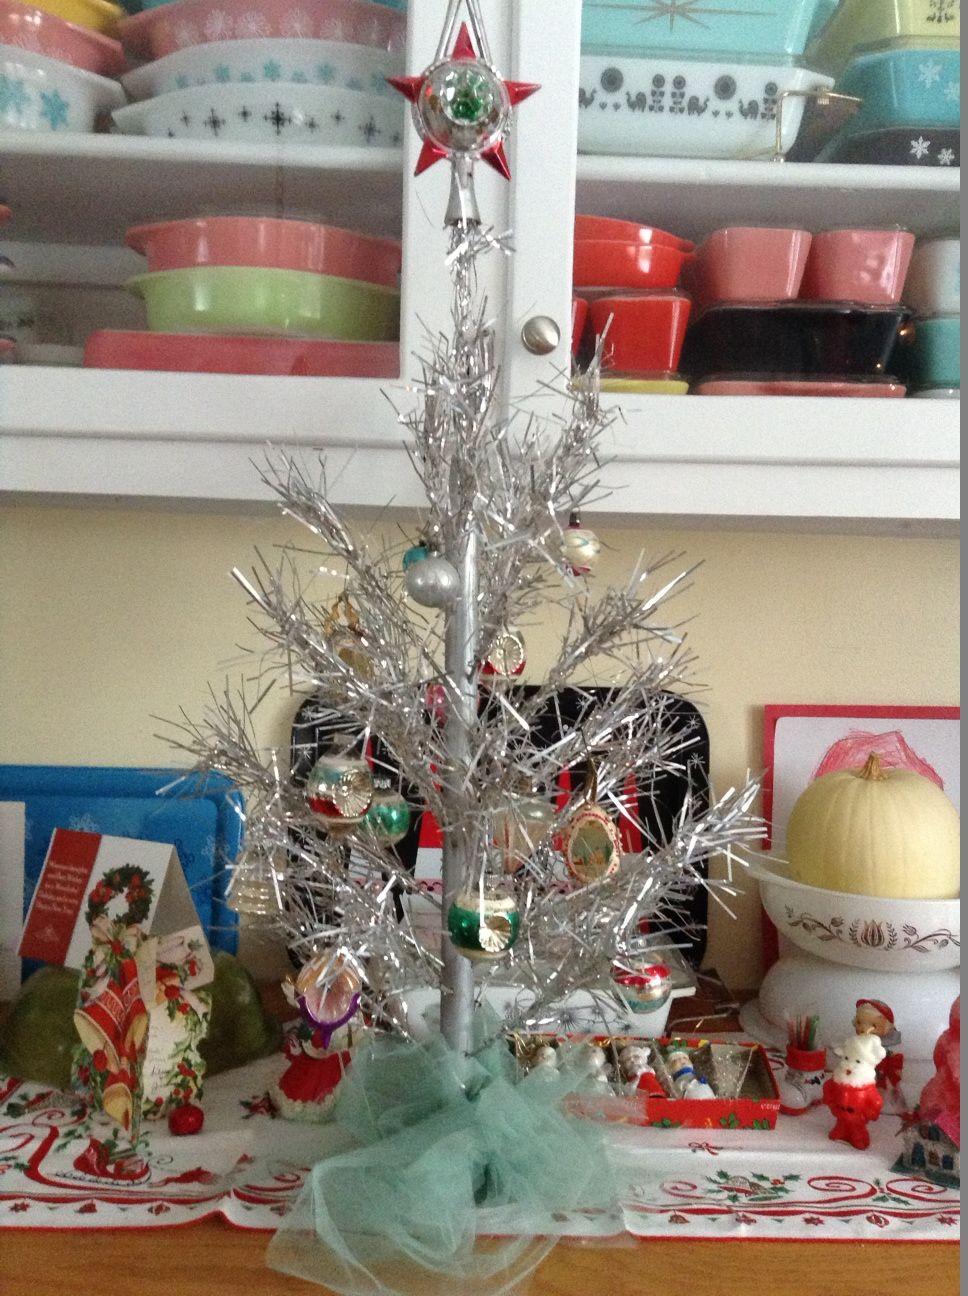 Tinselmania 221 vintage aluminum Christmas trees